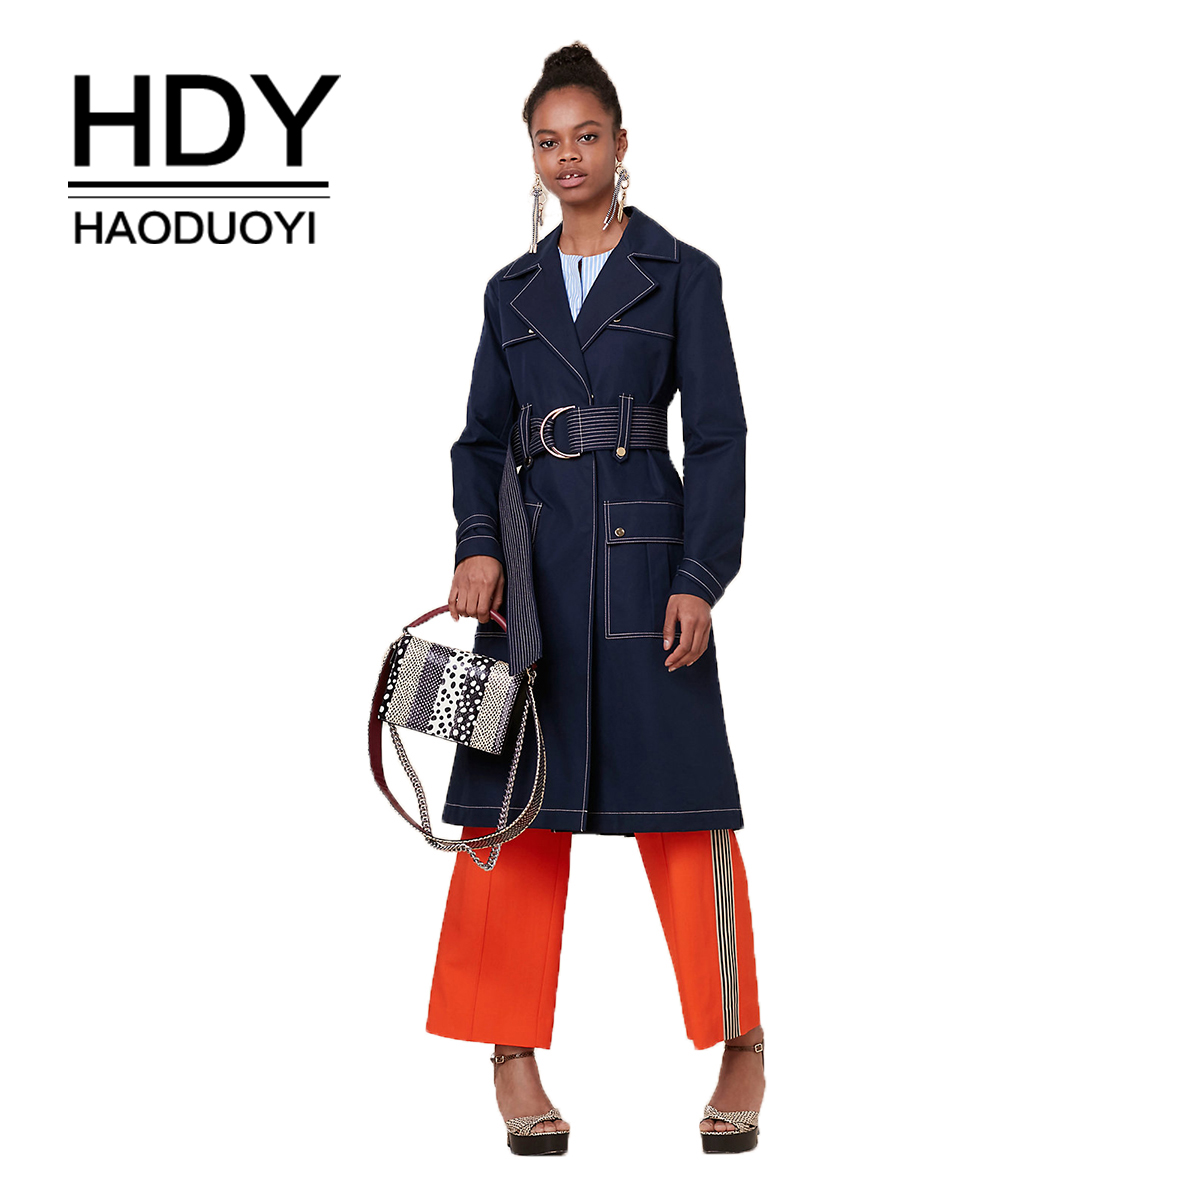 HDY haoduoyi простой темперамент Стиль давление линии костюм воротник патч карман декоративный пояс тренчи для женщин пальто будущих мам